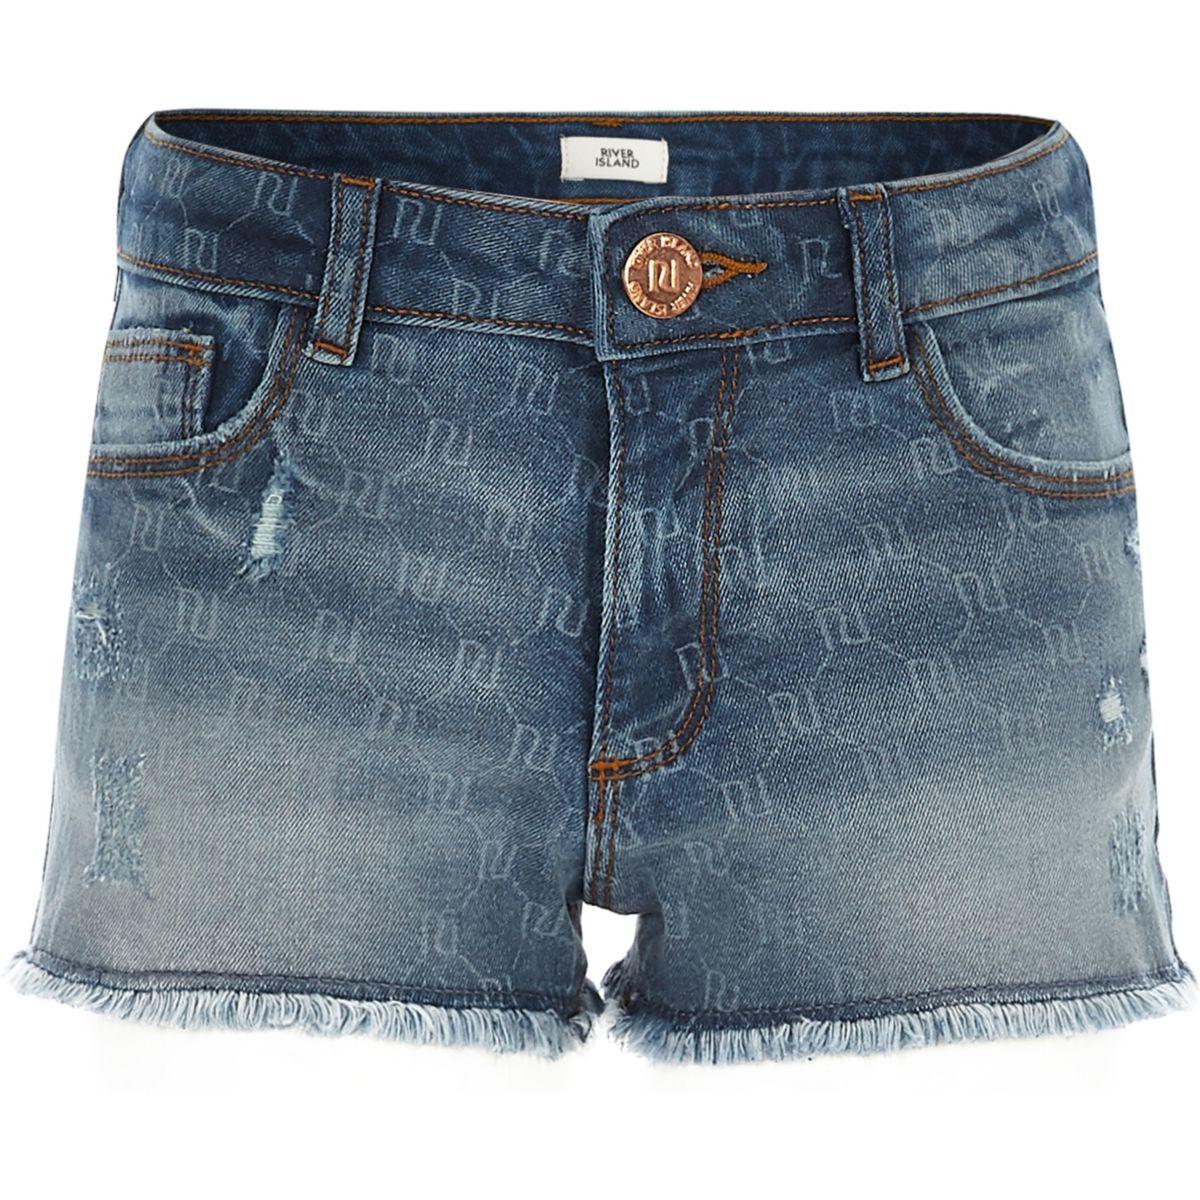 Jeansshorts mit Monogramm